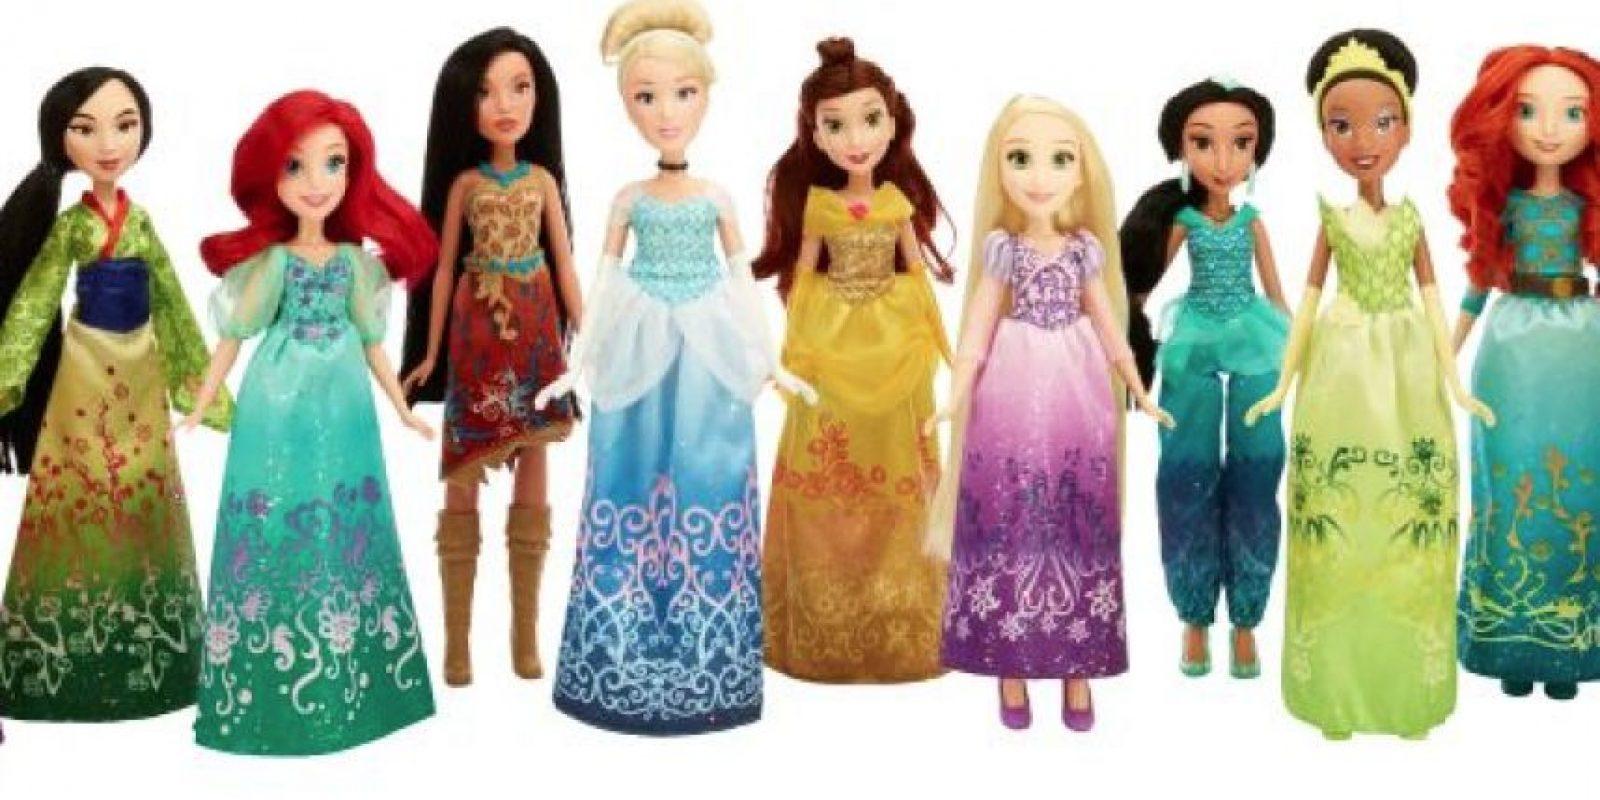 La colección de Princesas incluye vestidos mágicos. Foto:Especial